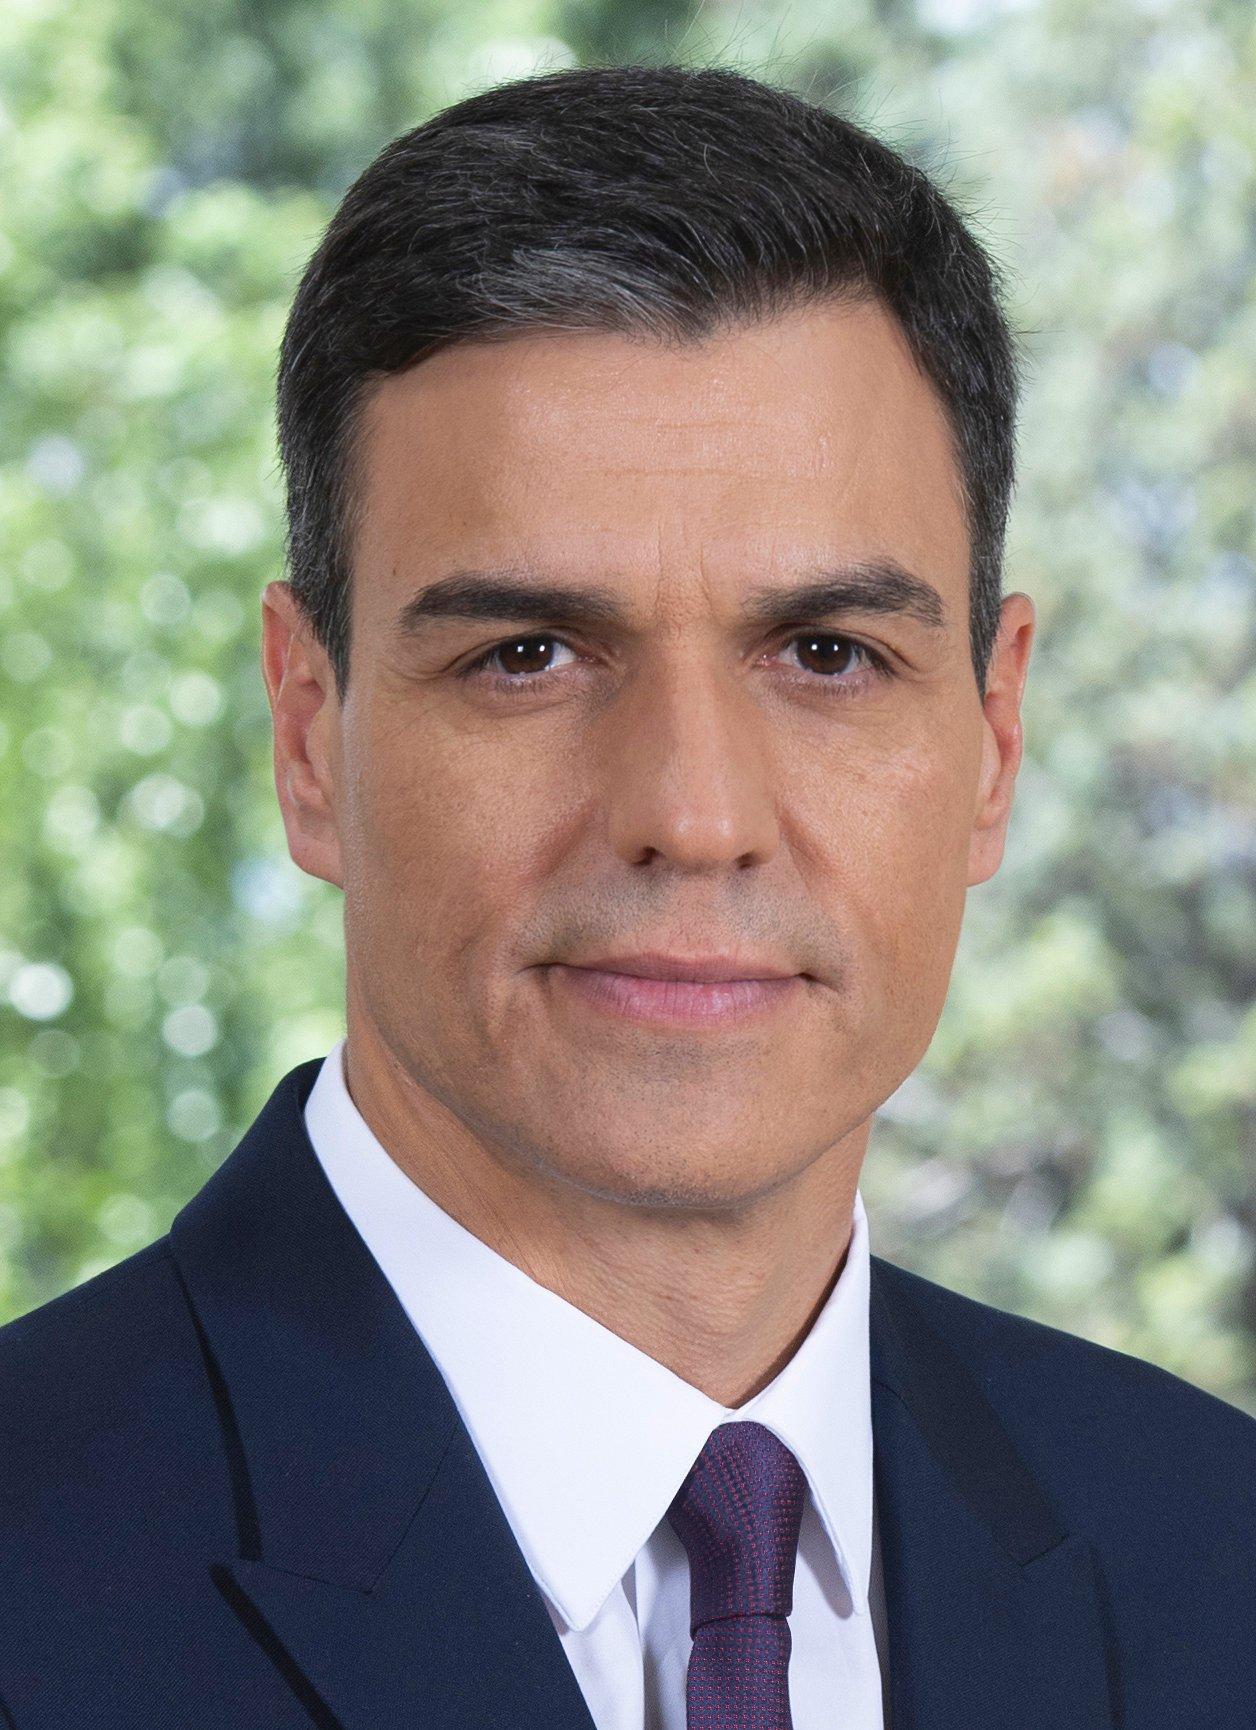 File:Pedro Sánchez in 2018d.jpg - Wikipedia